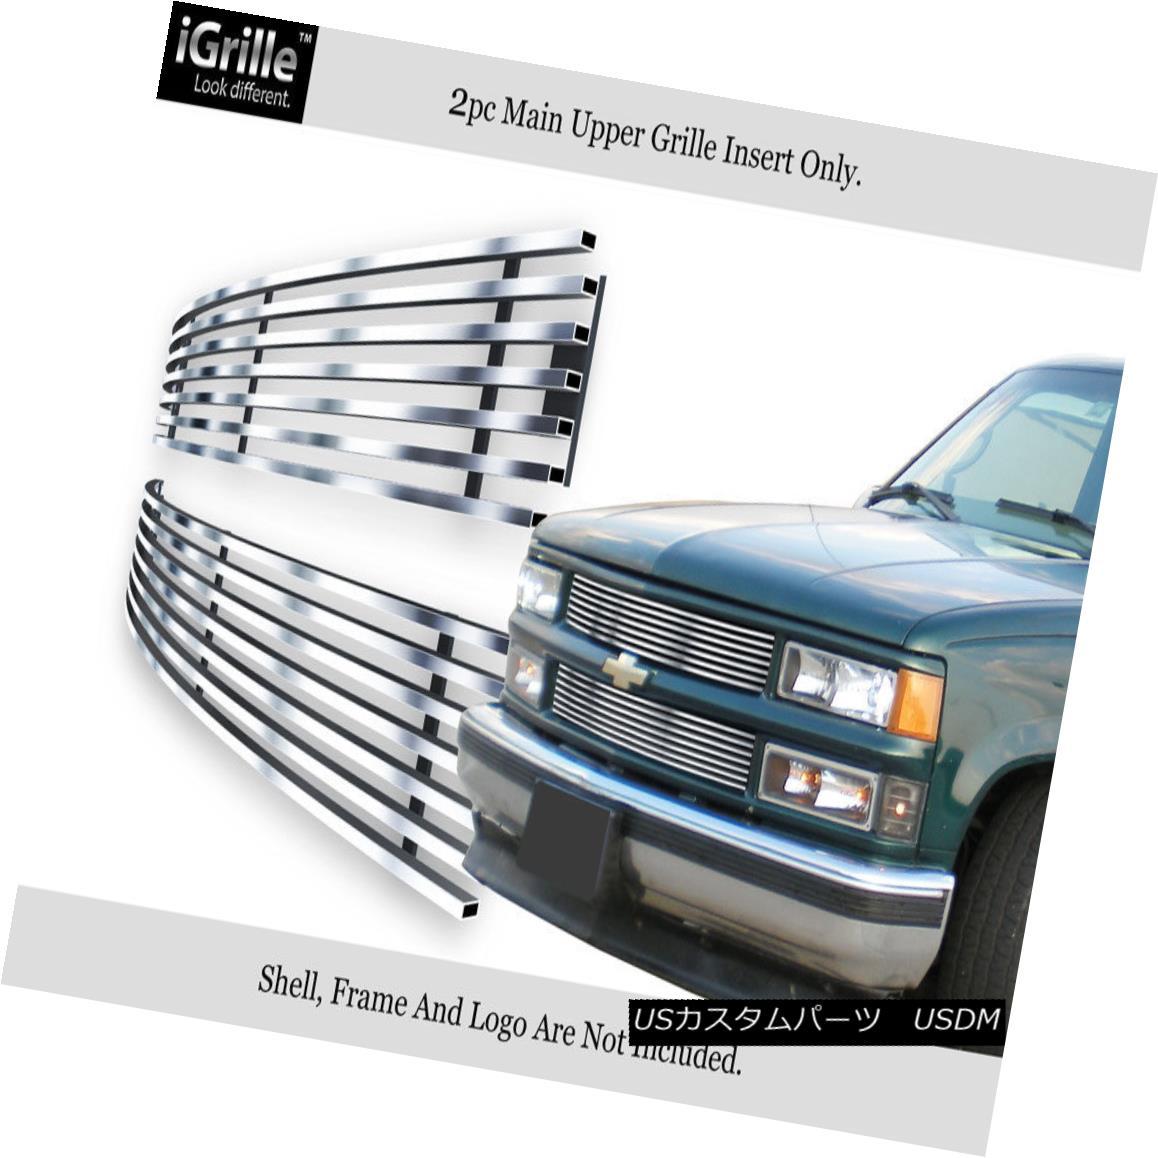 グリル Fits 94-99 C/K Pickup/Suburban/Blazer/Tahoe Stainless Steel Billet Grille フィット94-99 C / Kピックアップ/サバーバ n / Blazer / Tahoeステンレス鋼ビレットグリル